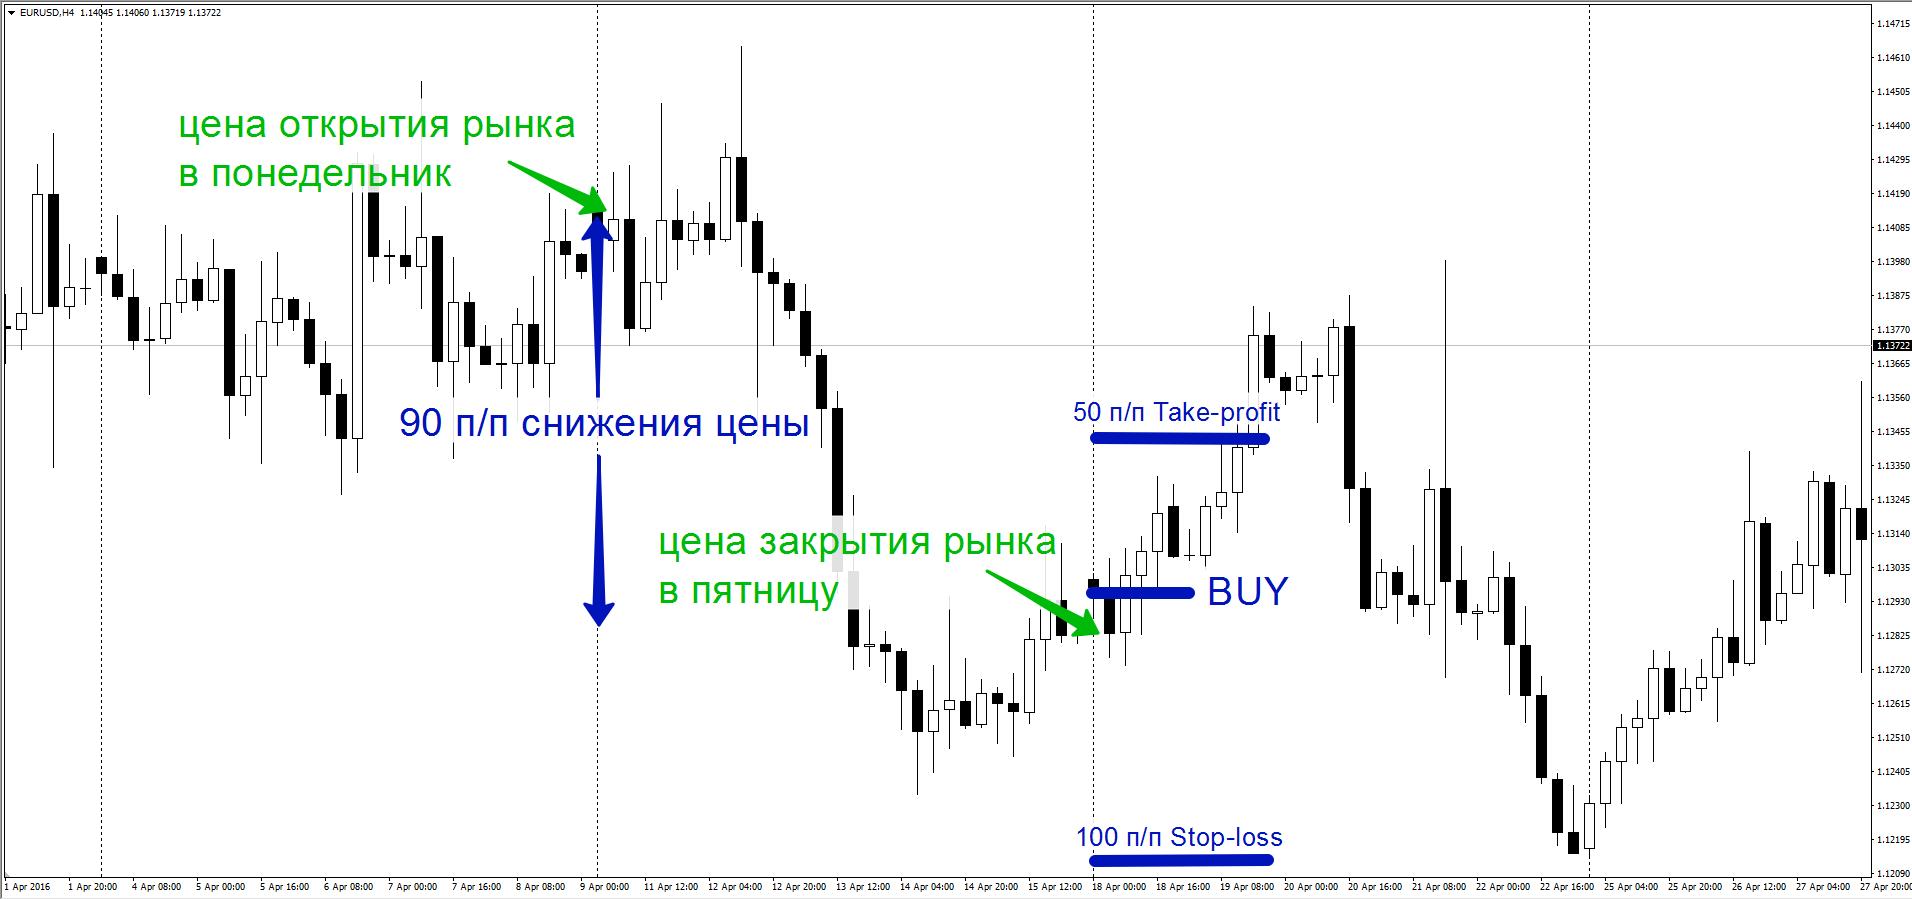 Как торговать по стратегии Ва-Банк